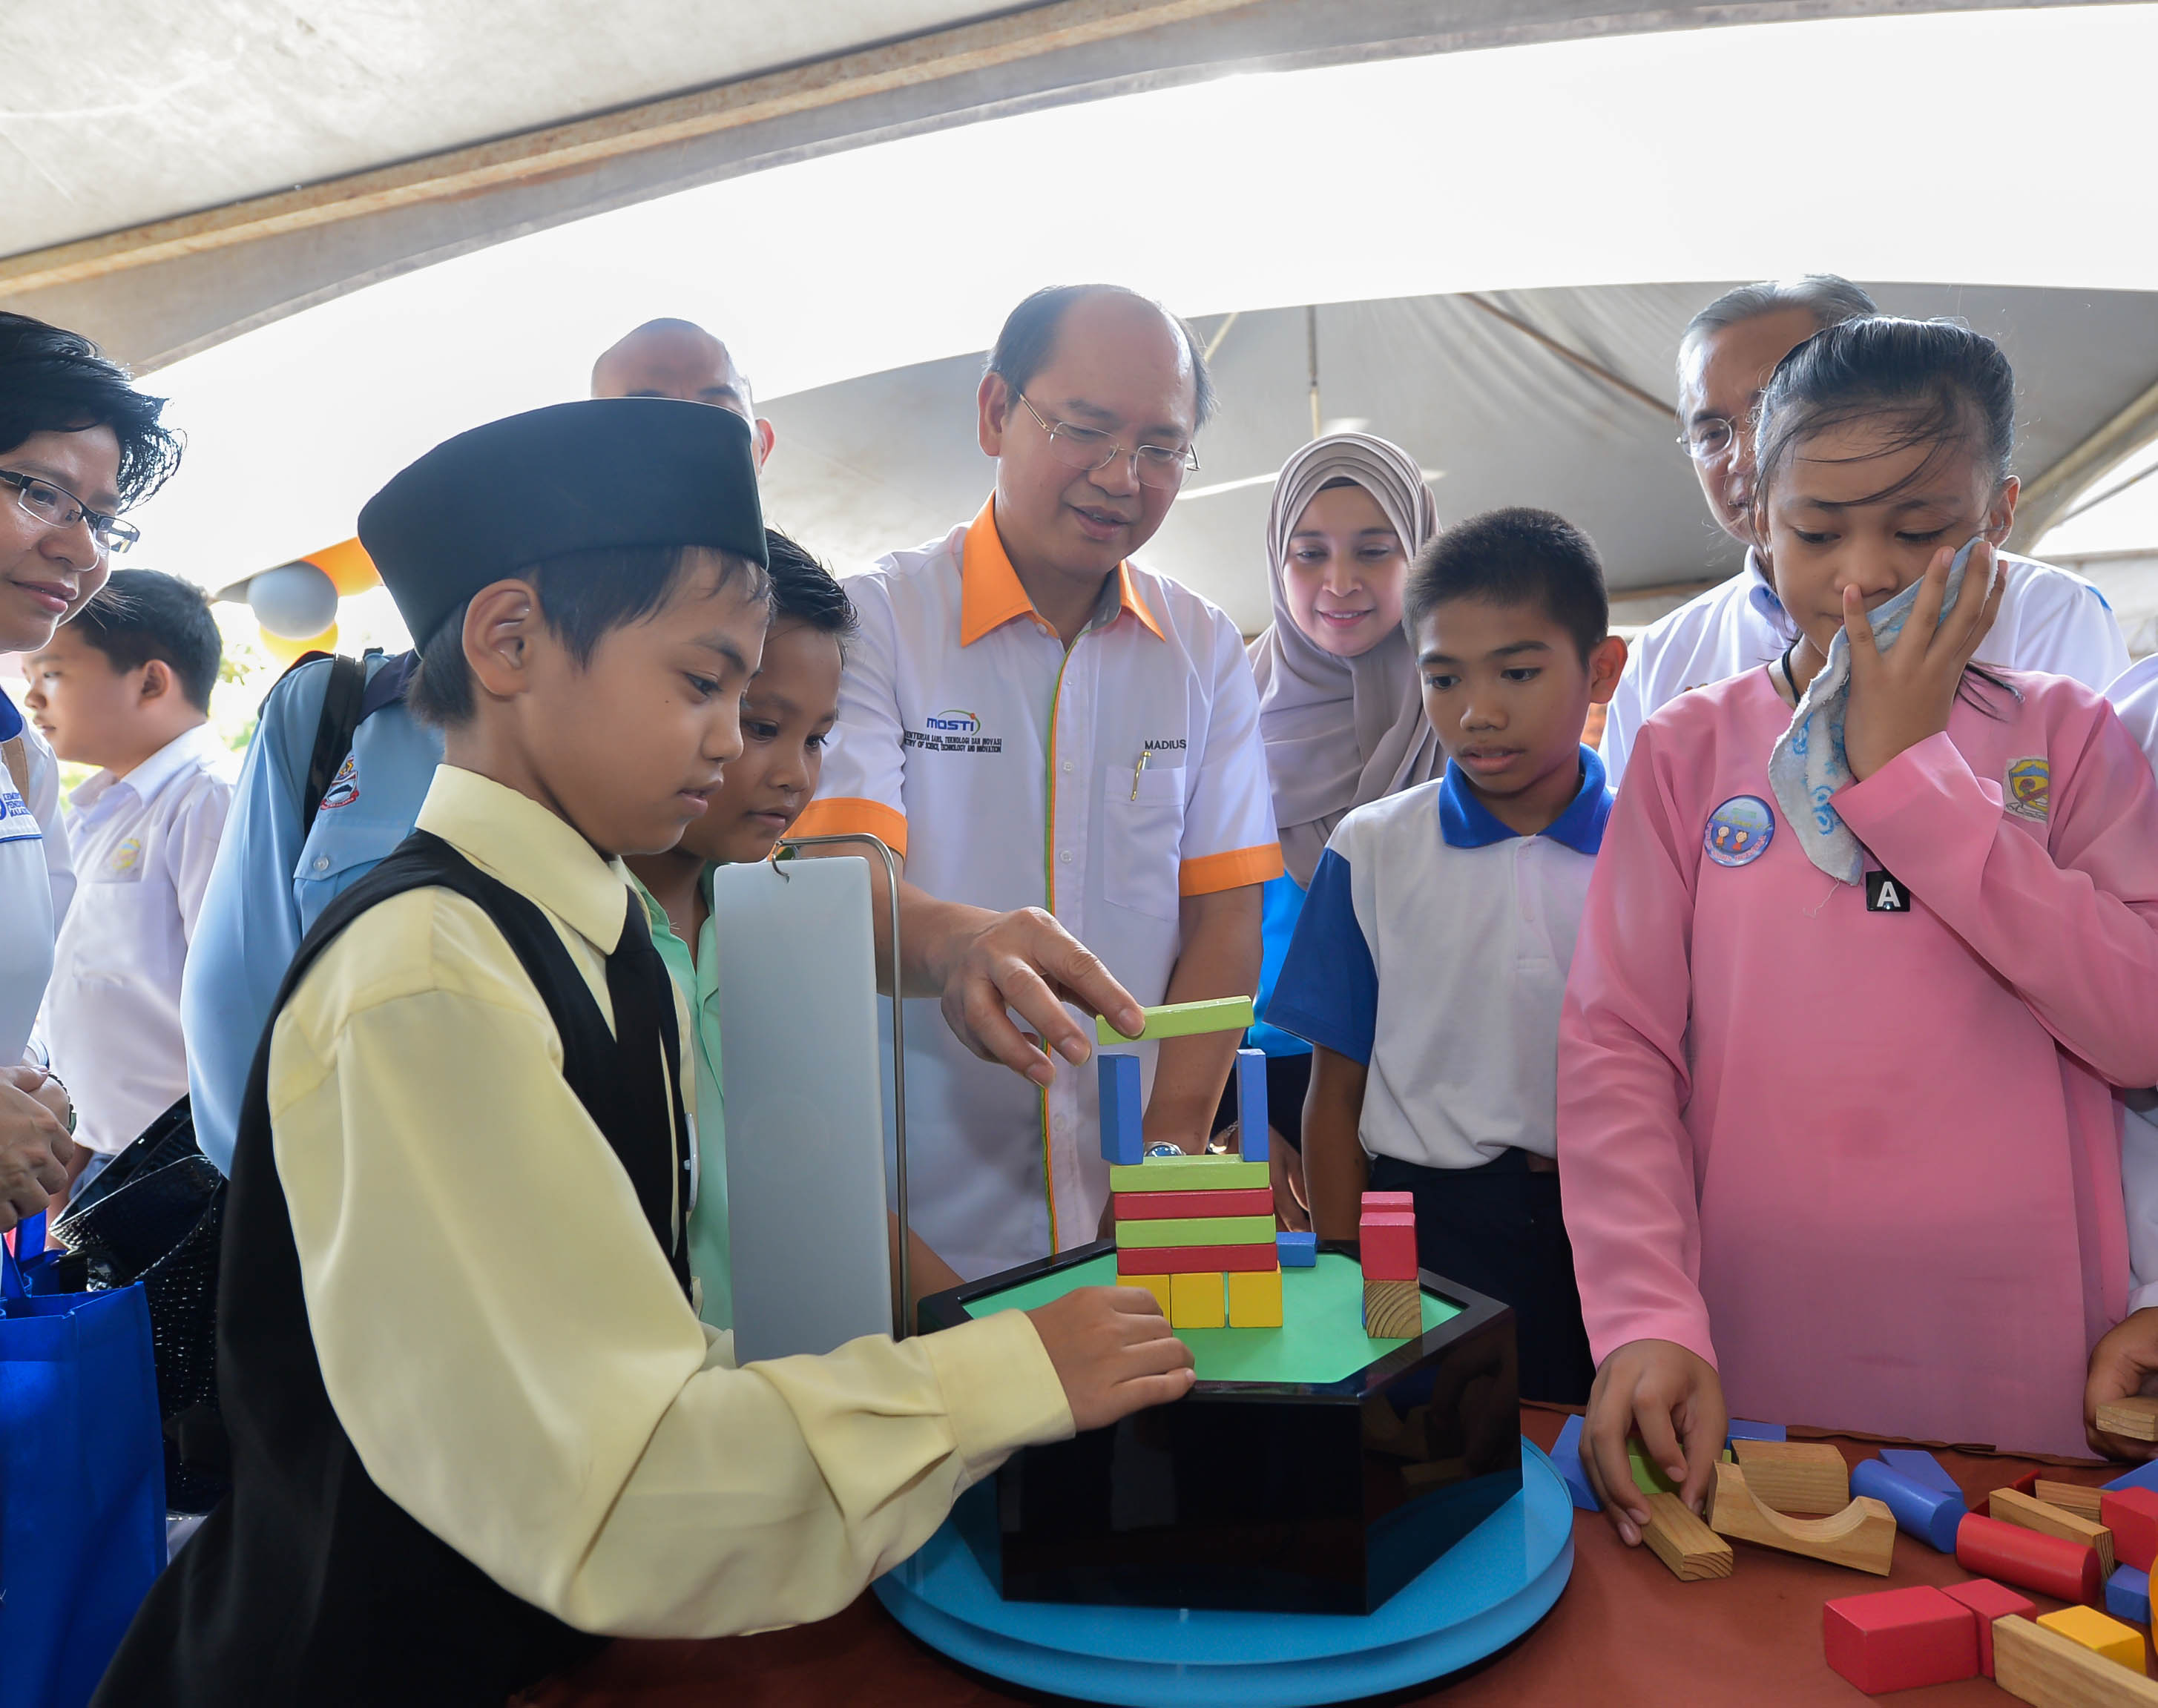 pendidikan-stem-di-malaysia